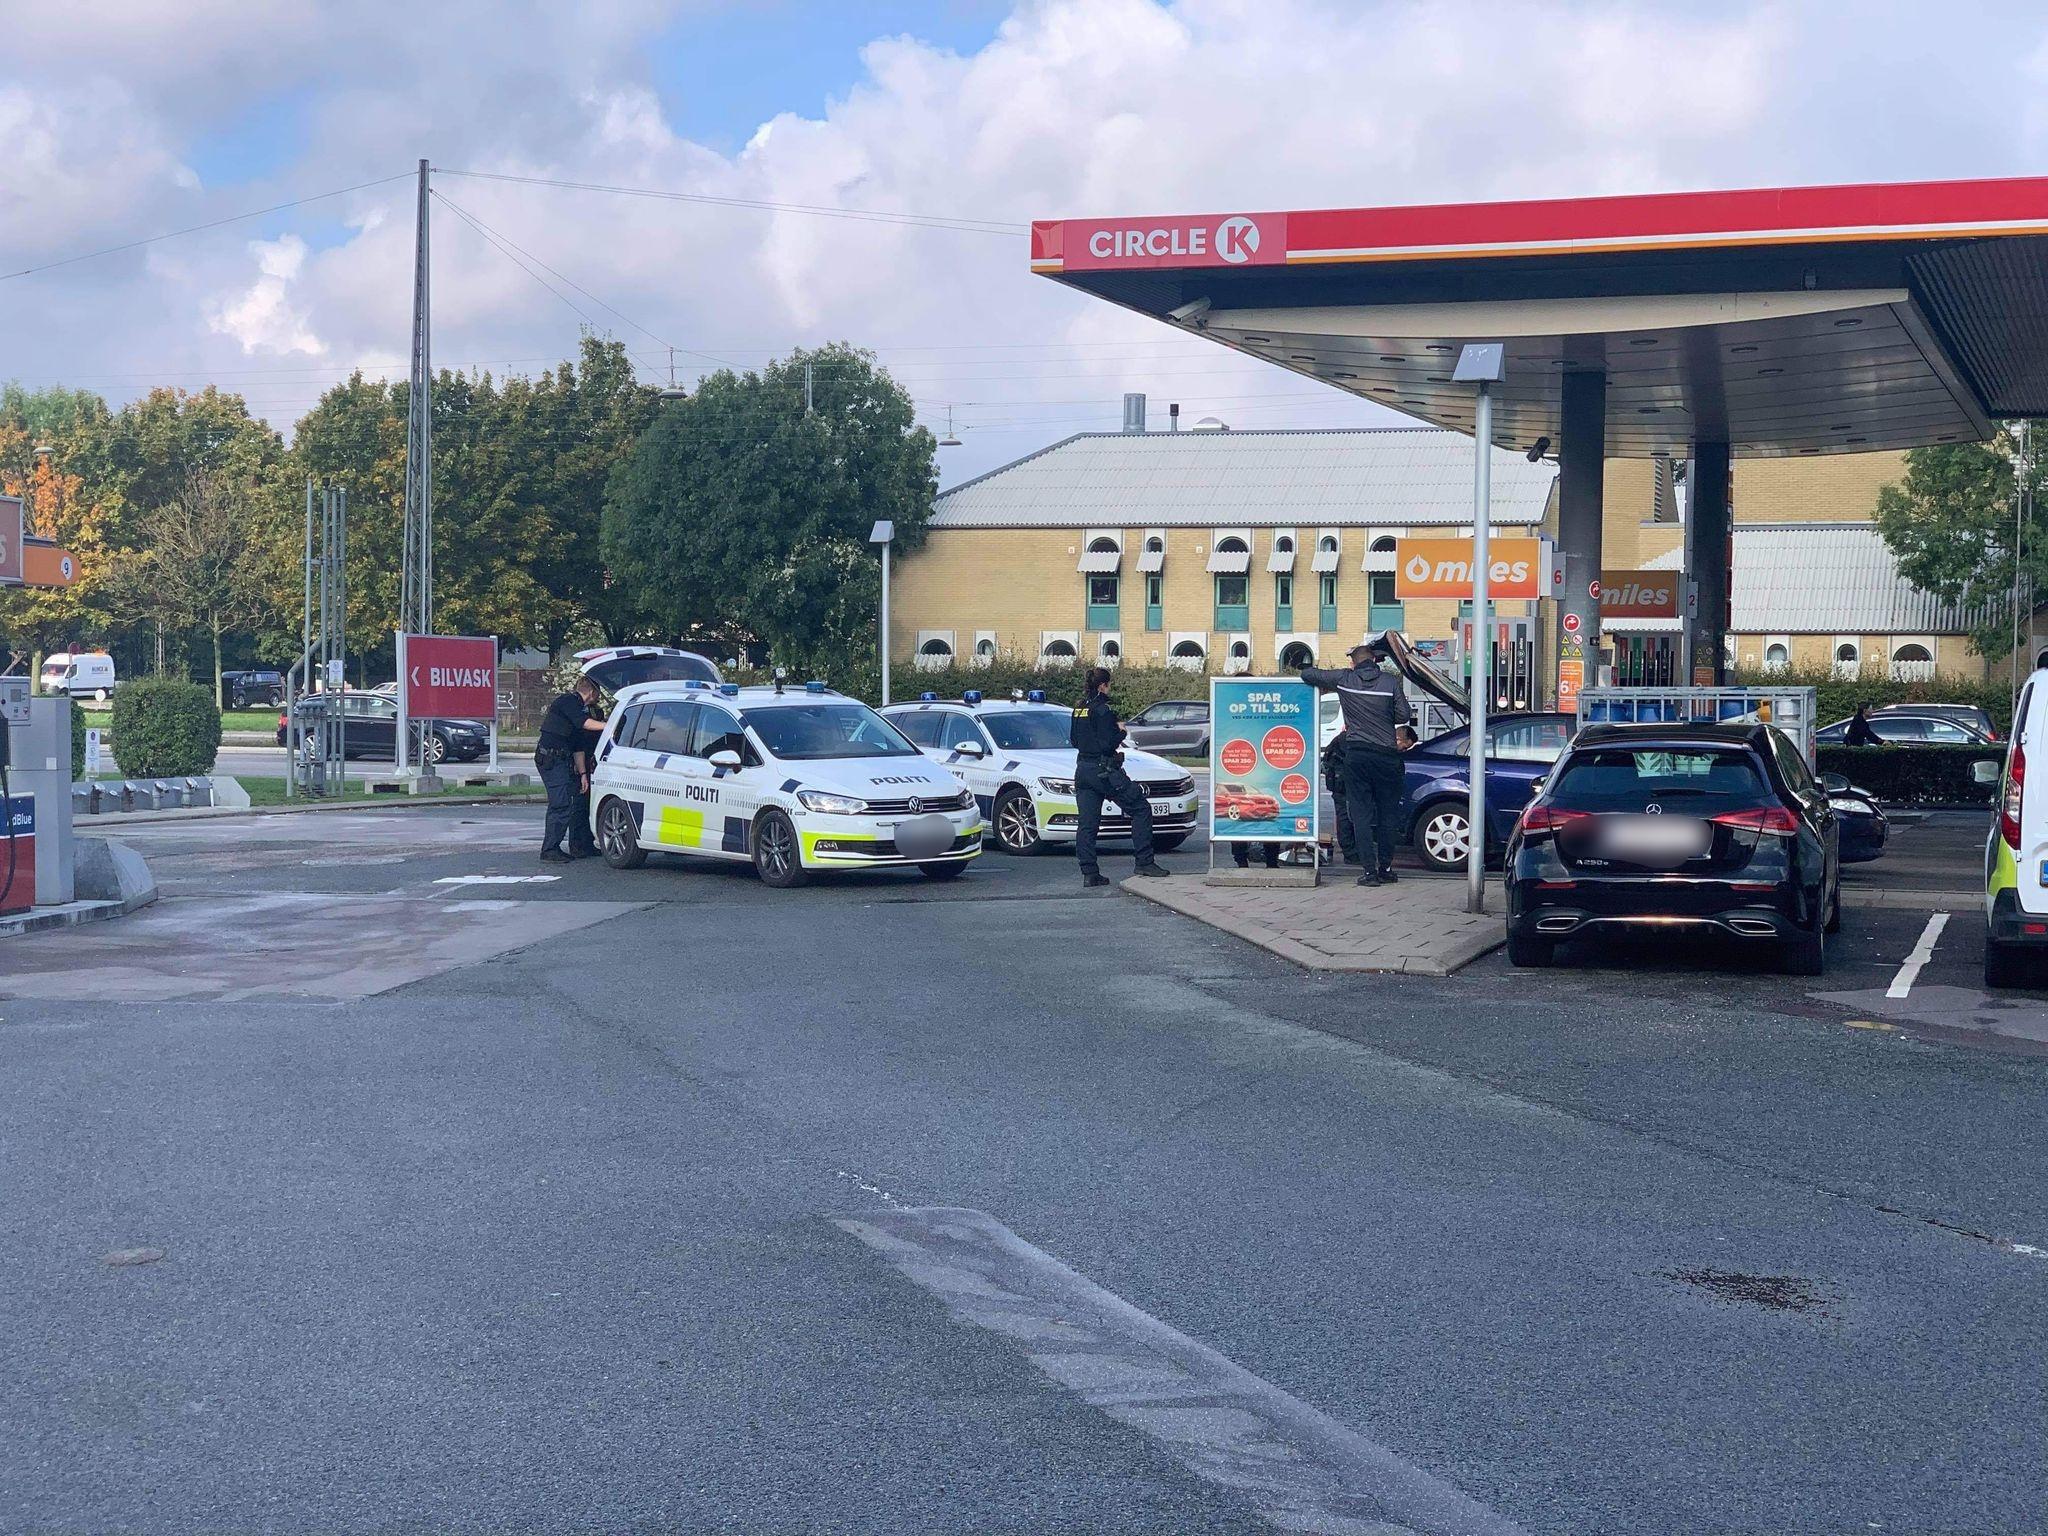 Politi visiterer bil ved tankstation i København